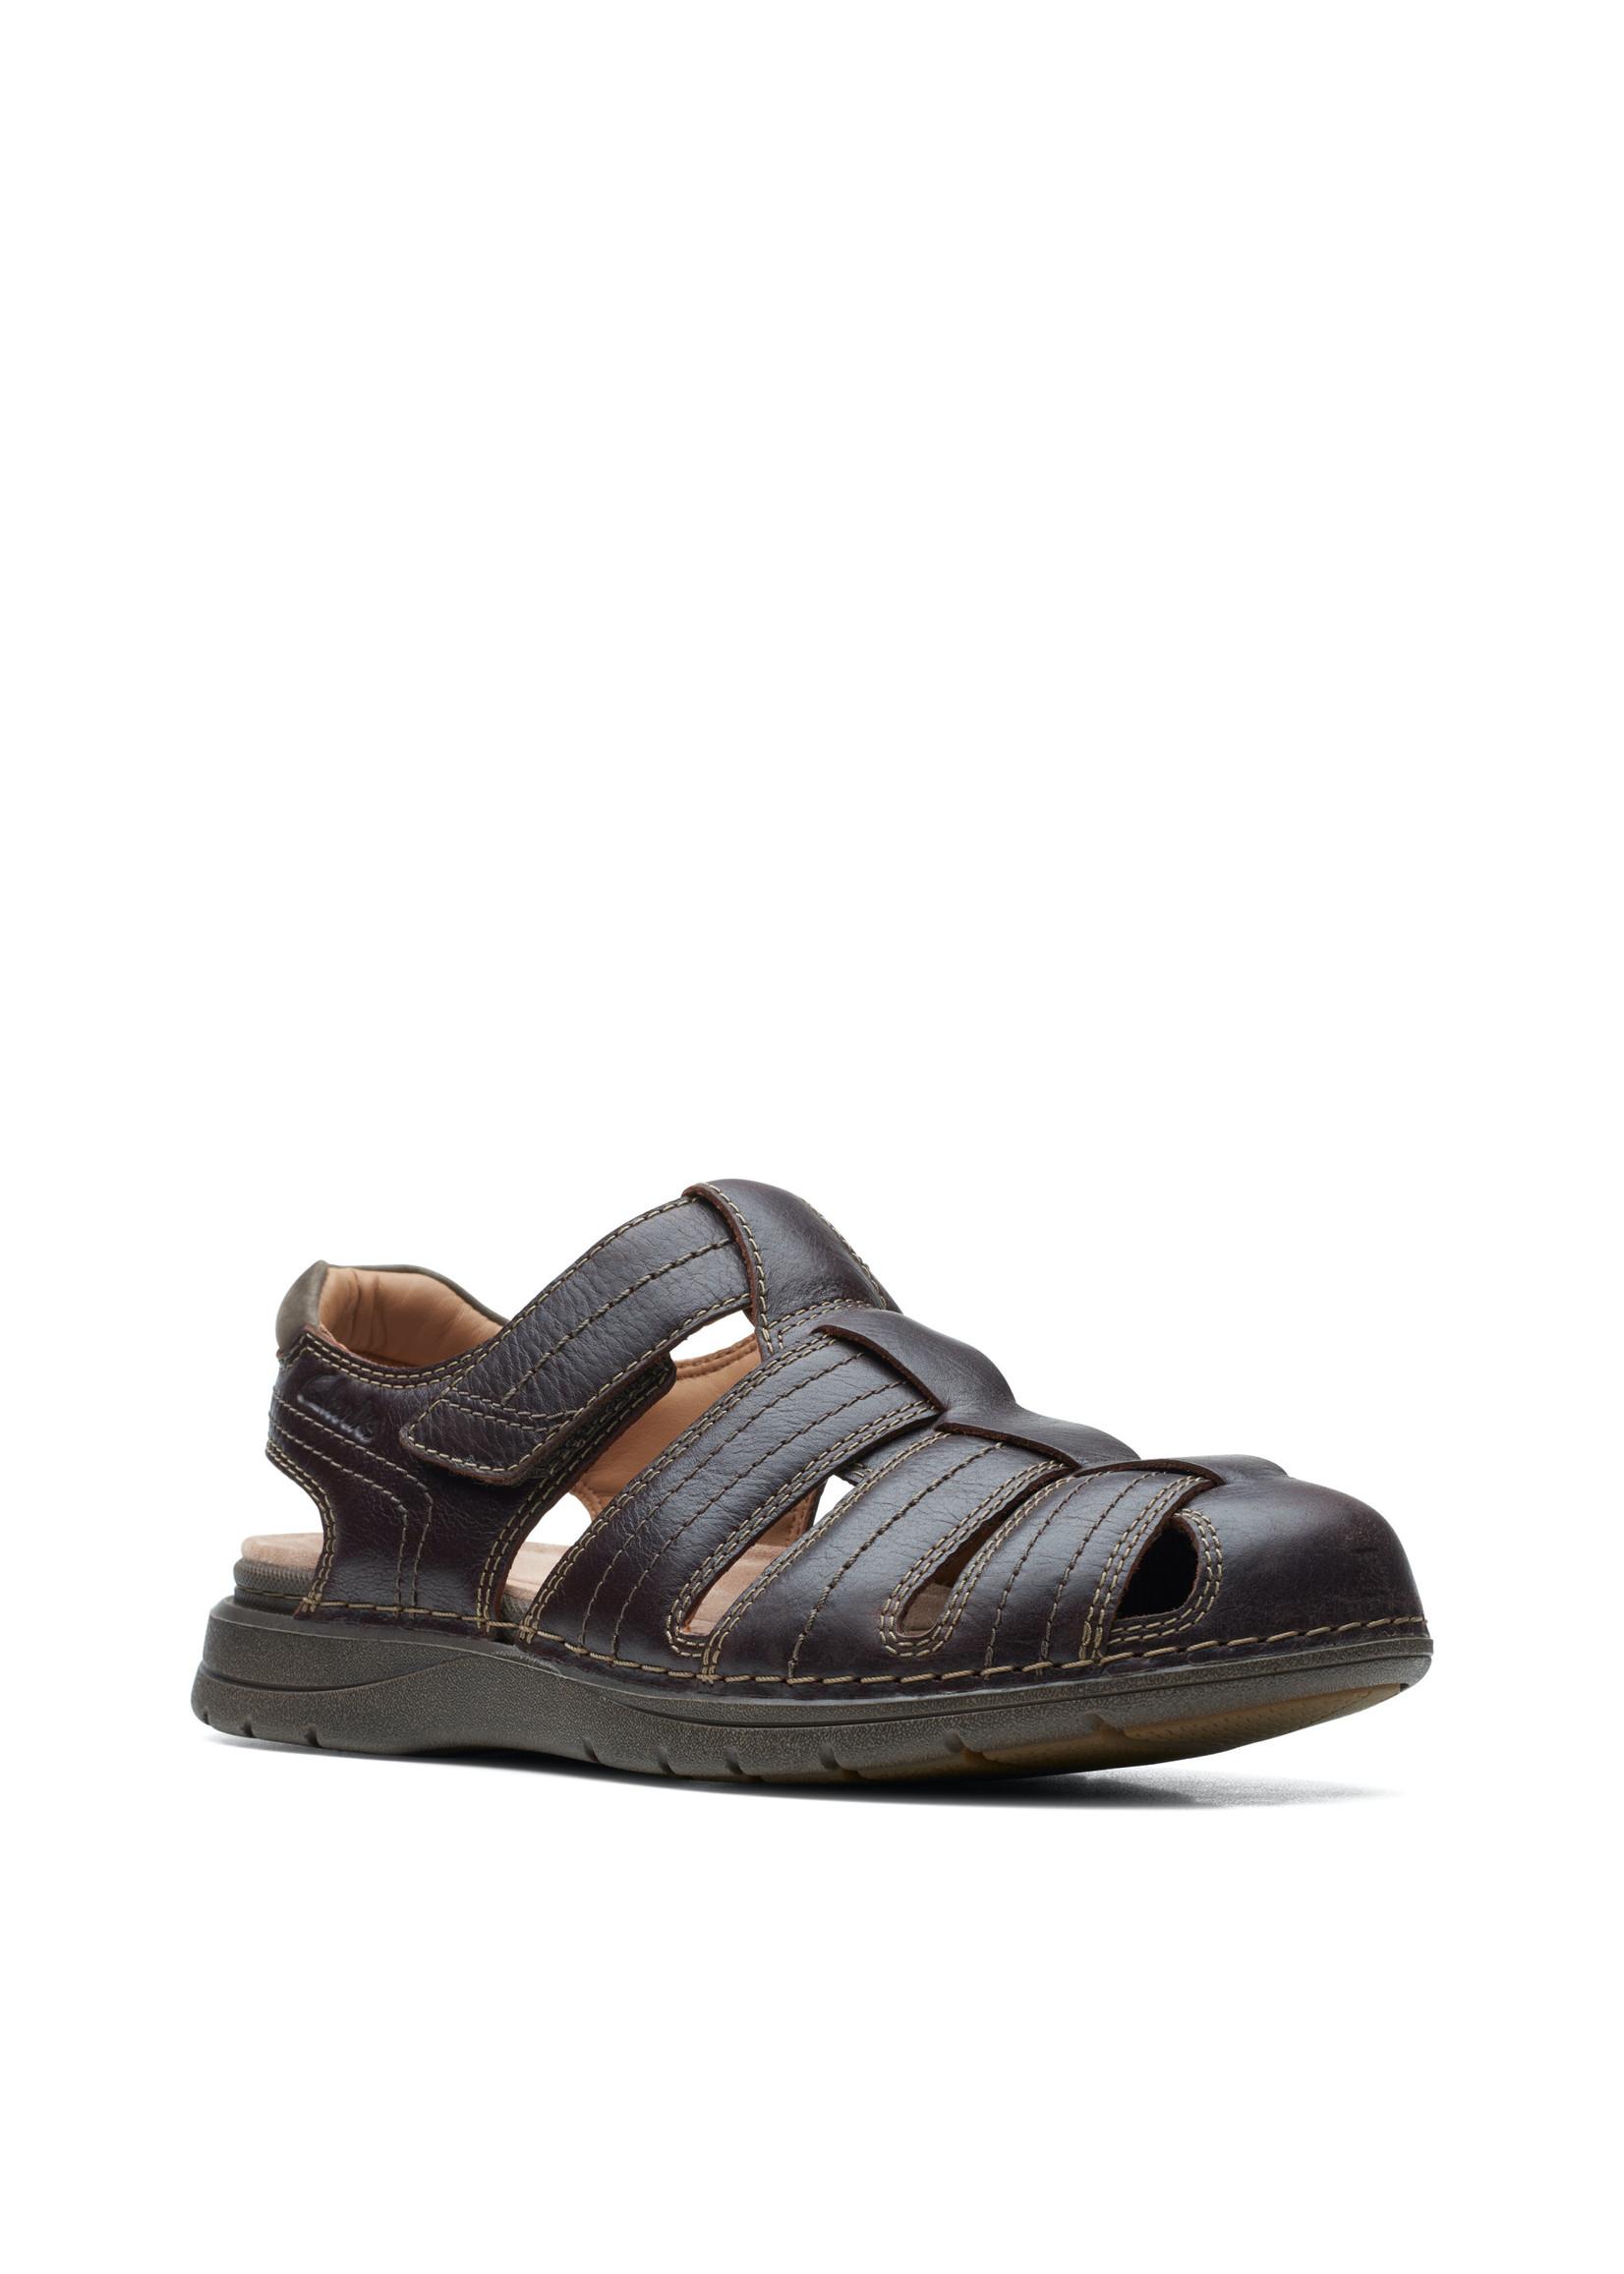 Clarks Nature Limit Sandal